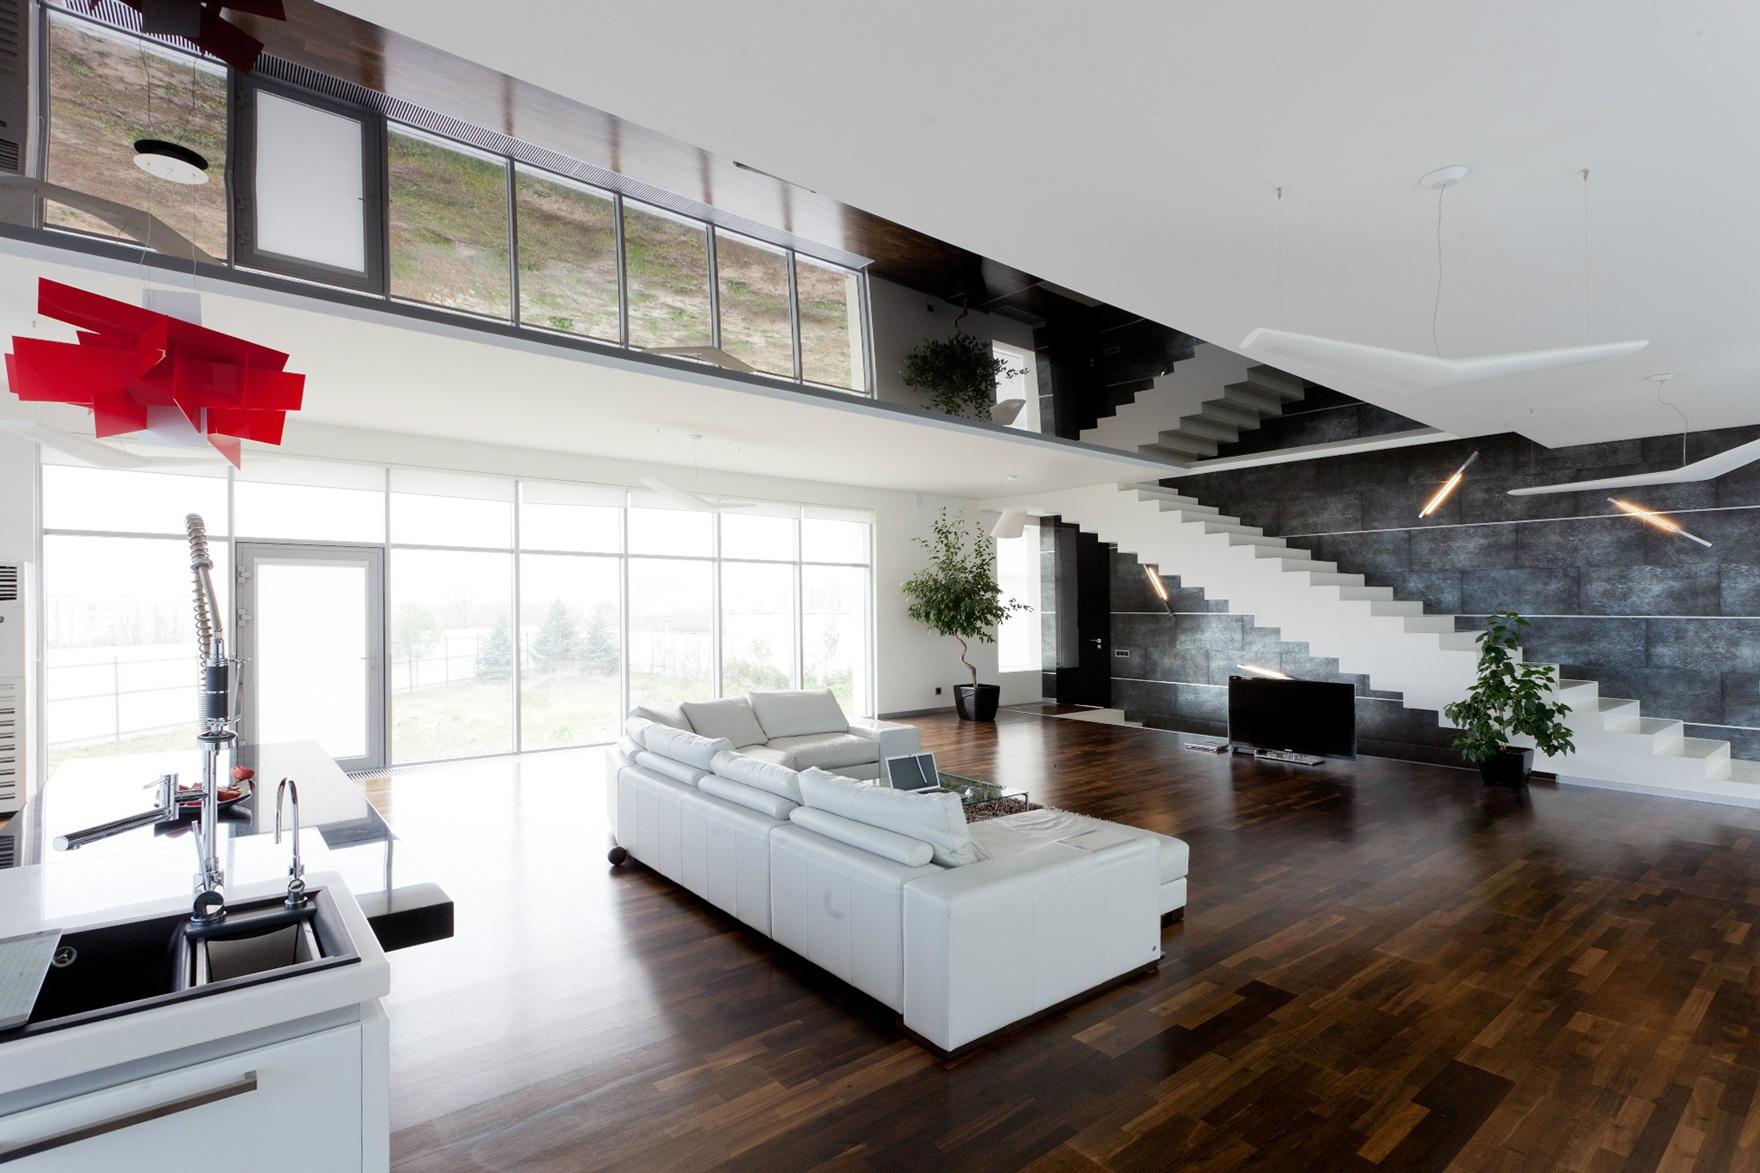 Интерьеры домов фото в стиле минимализм